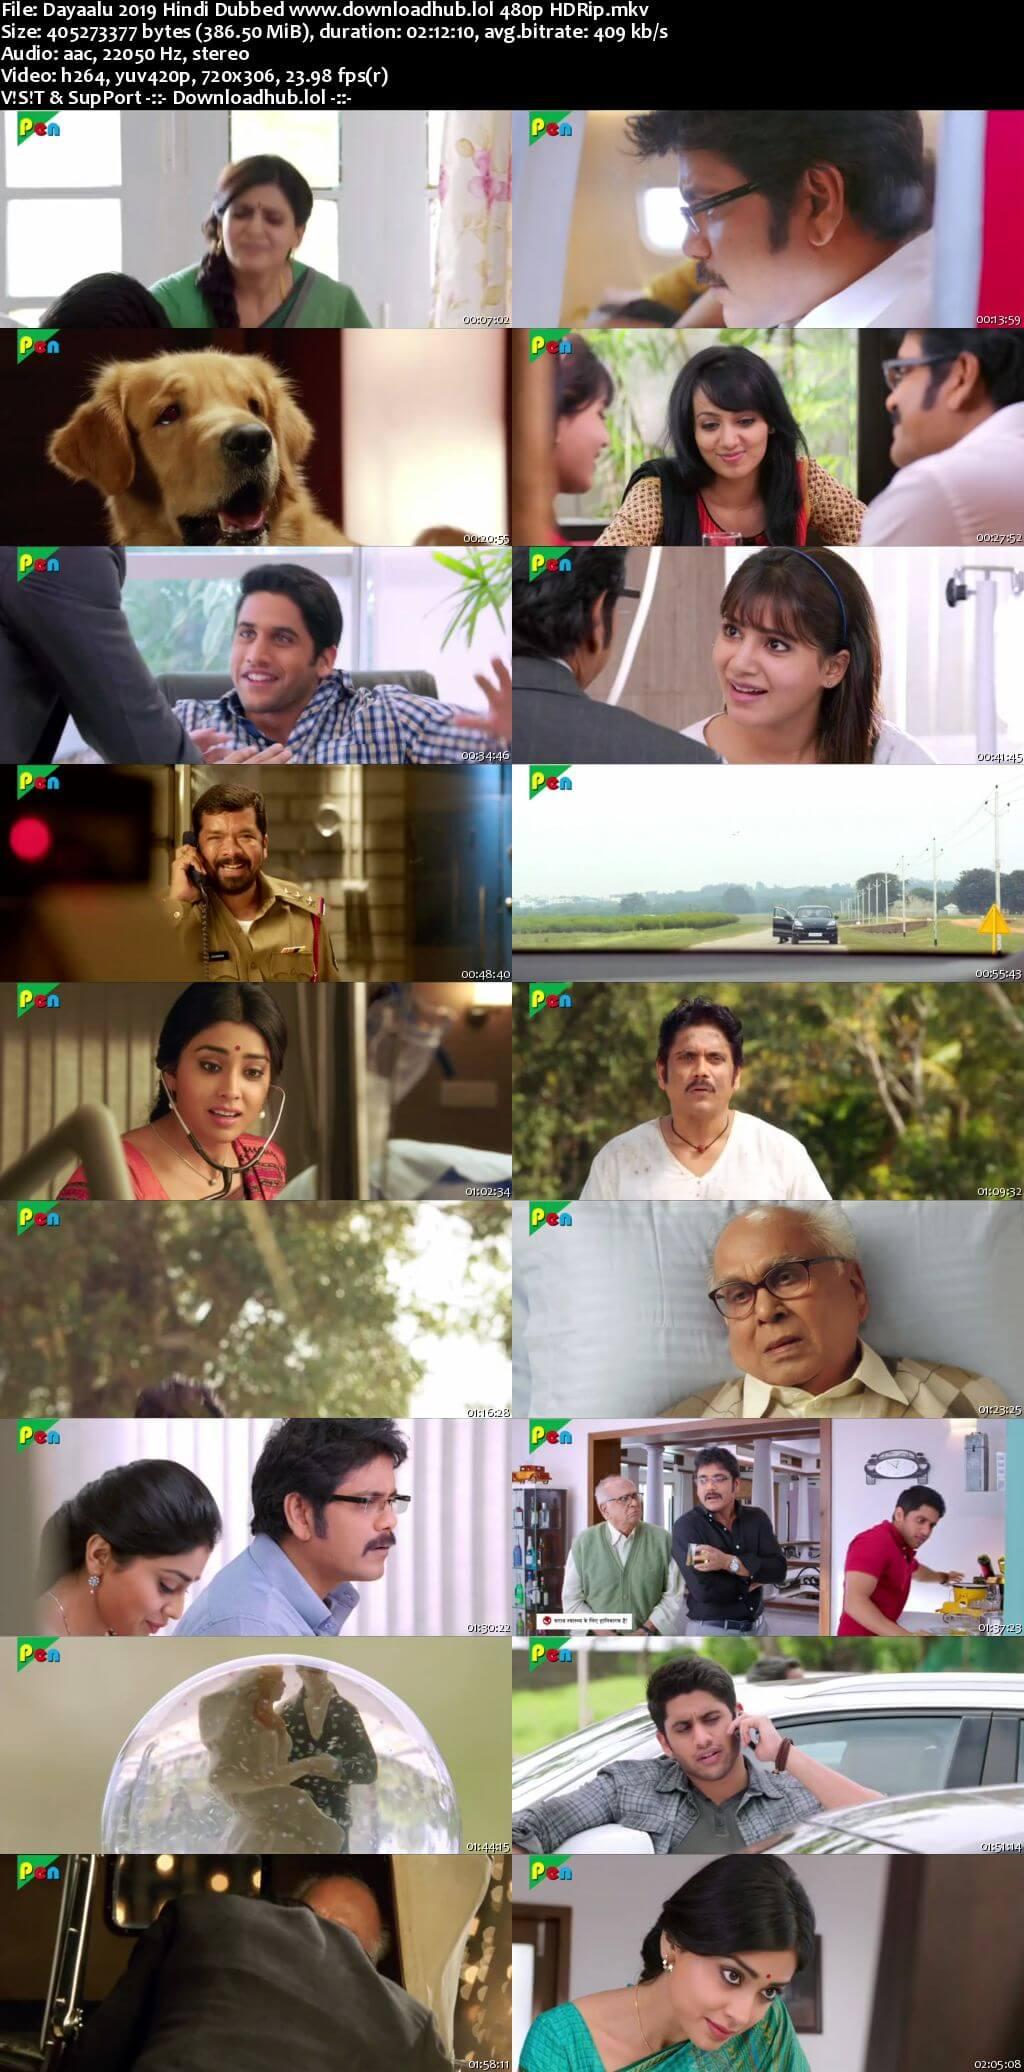 Dayaalu 2019 Hindi Dubbed 350MB HDRip 480p